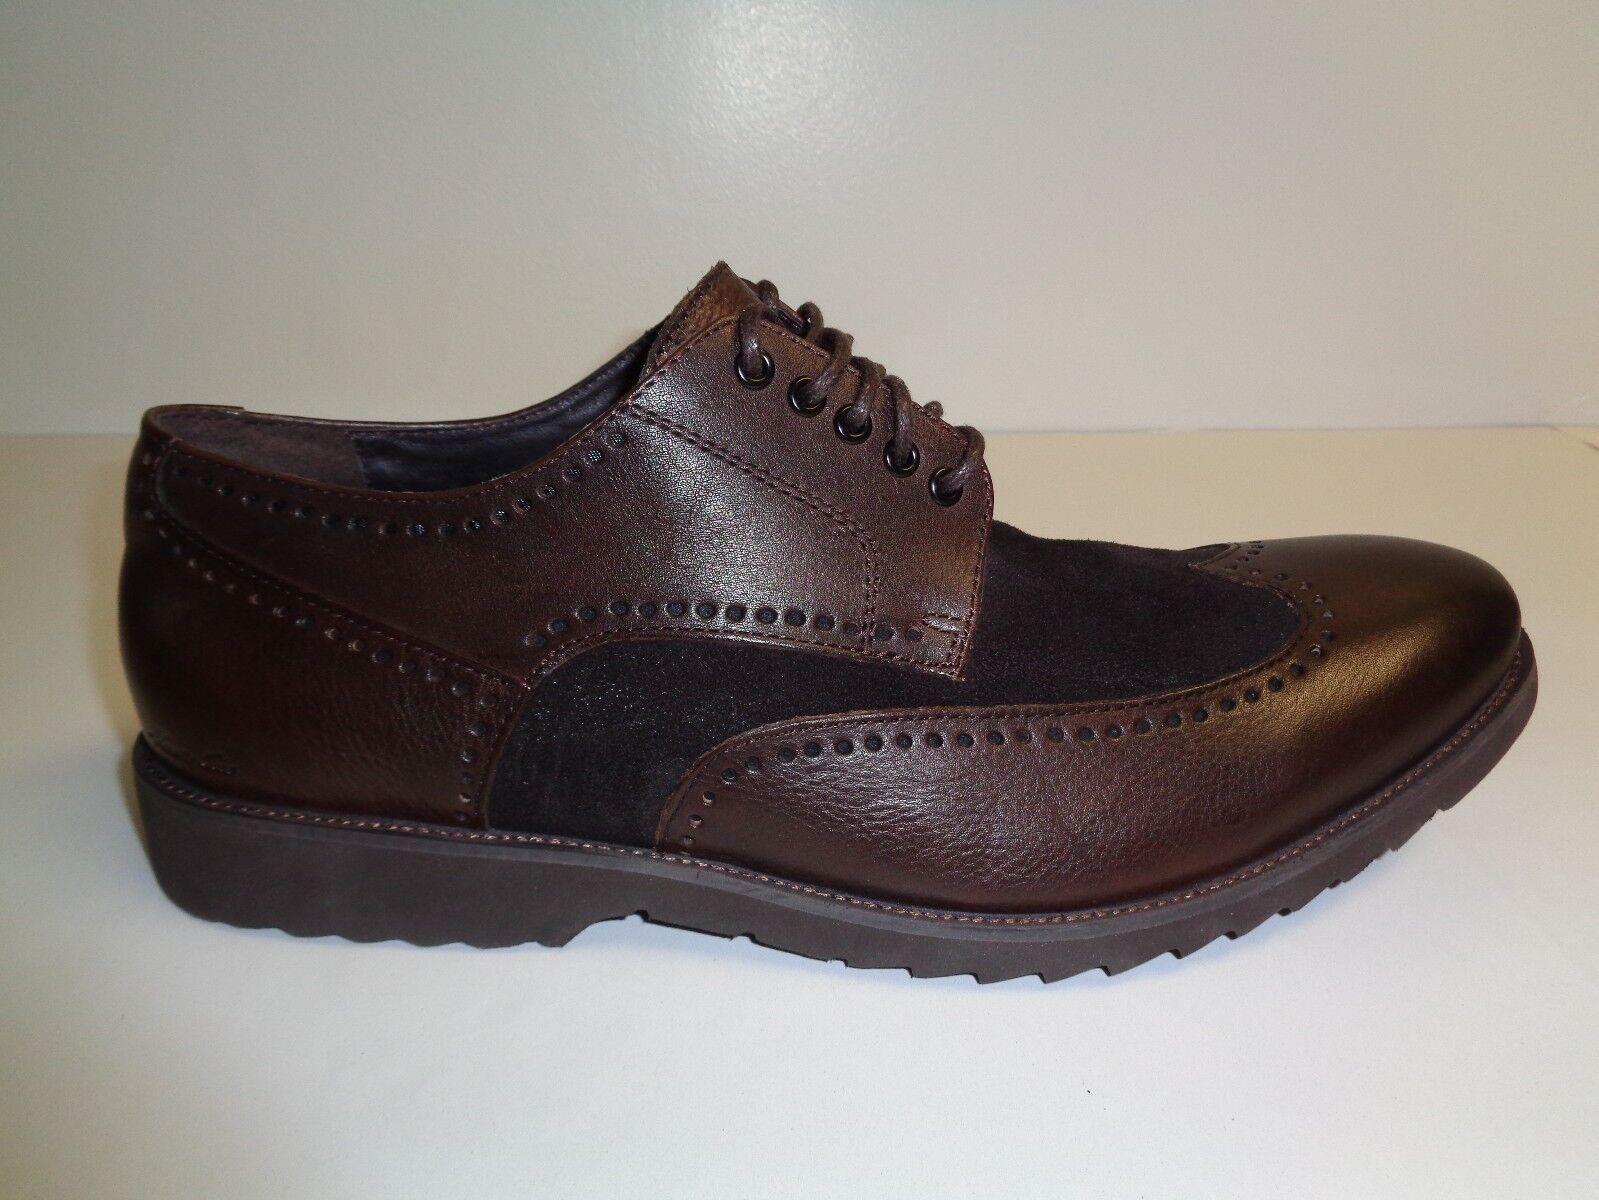 promozioni Kenneth Cole Dimensione Dimensione Dimensione 11 M KNOB OUT Marrone Leather Wingtip Oxfords New Uomo scarpe  migliore vendita